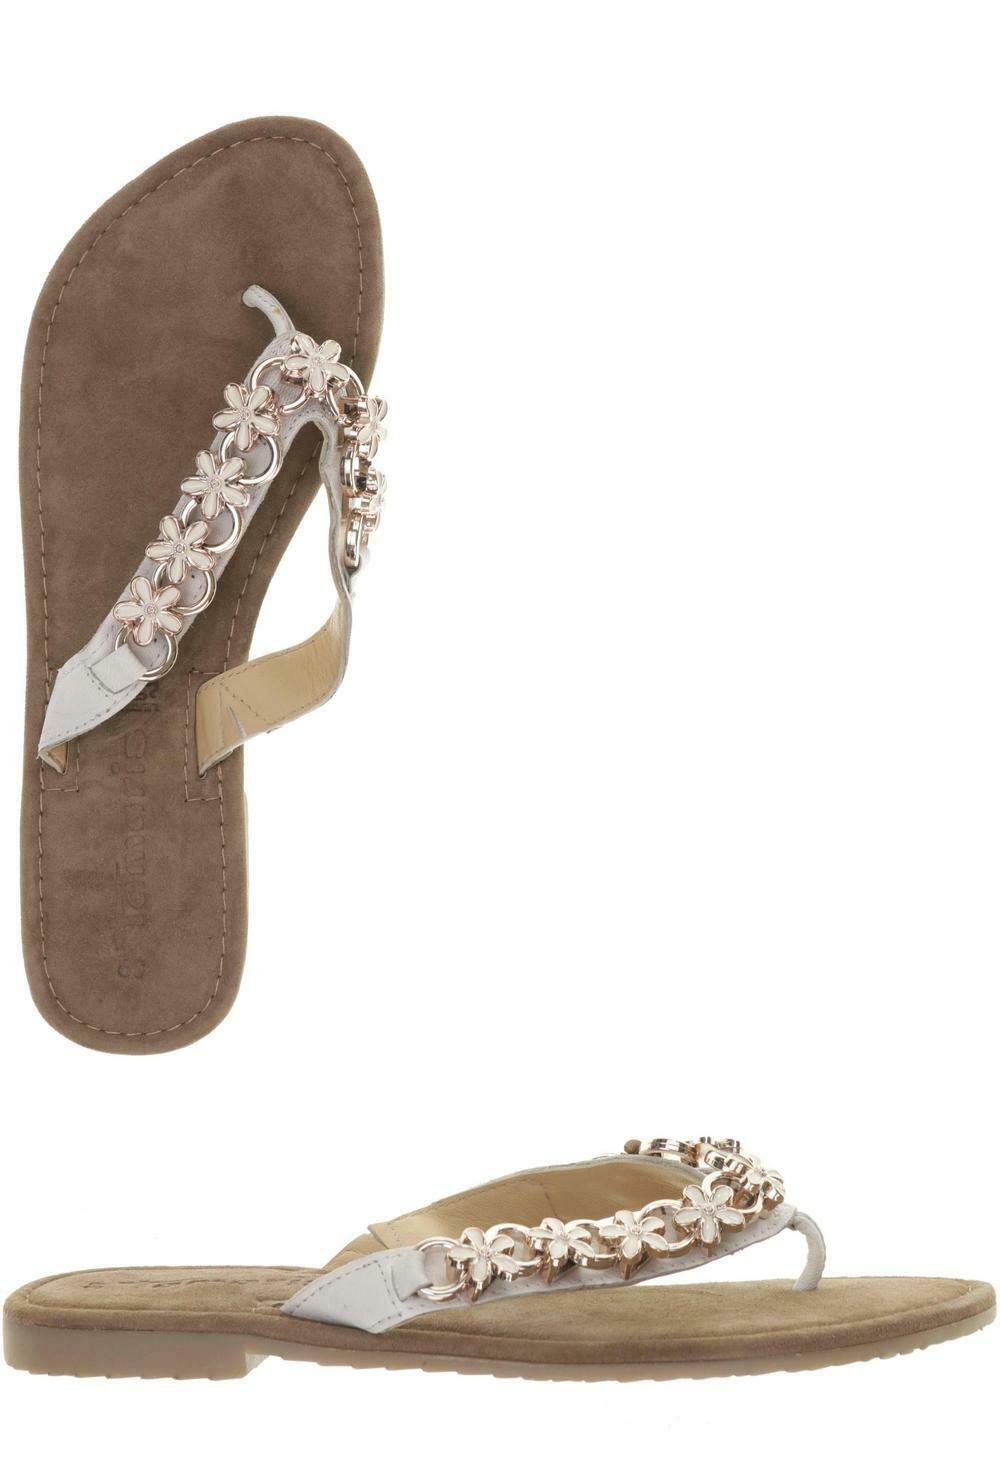 Tamaris Sandale Damen Sommerschuhe Sandalette Gr De 39 Leder Weiss Ea6a7c5 Sommerschuhe Damen Ideas O Sommerschuhe Damen Sommers Fashion Shoes Flip Flops